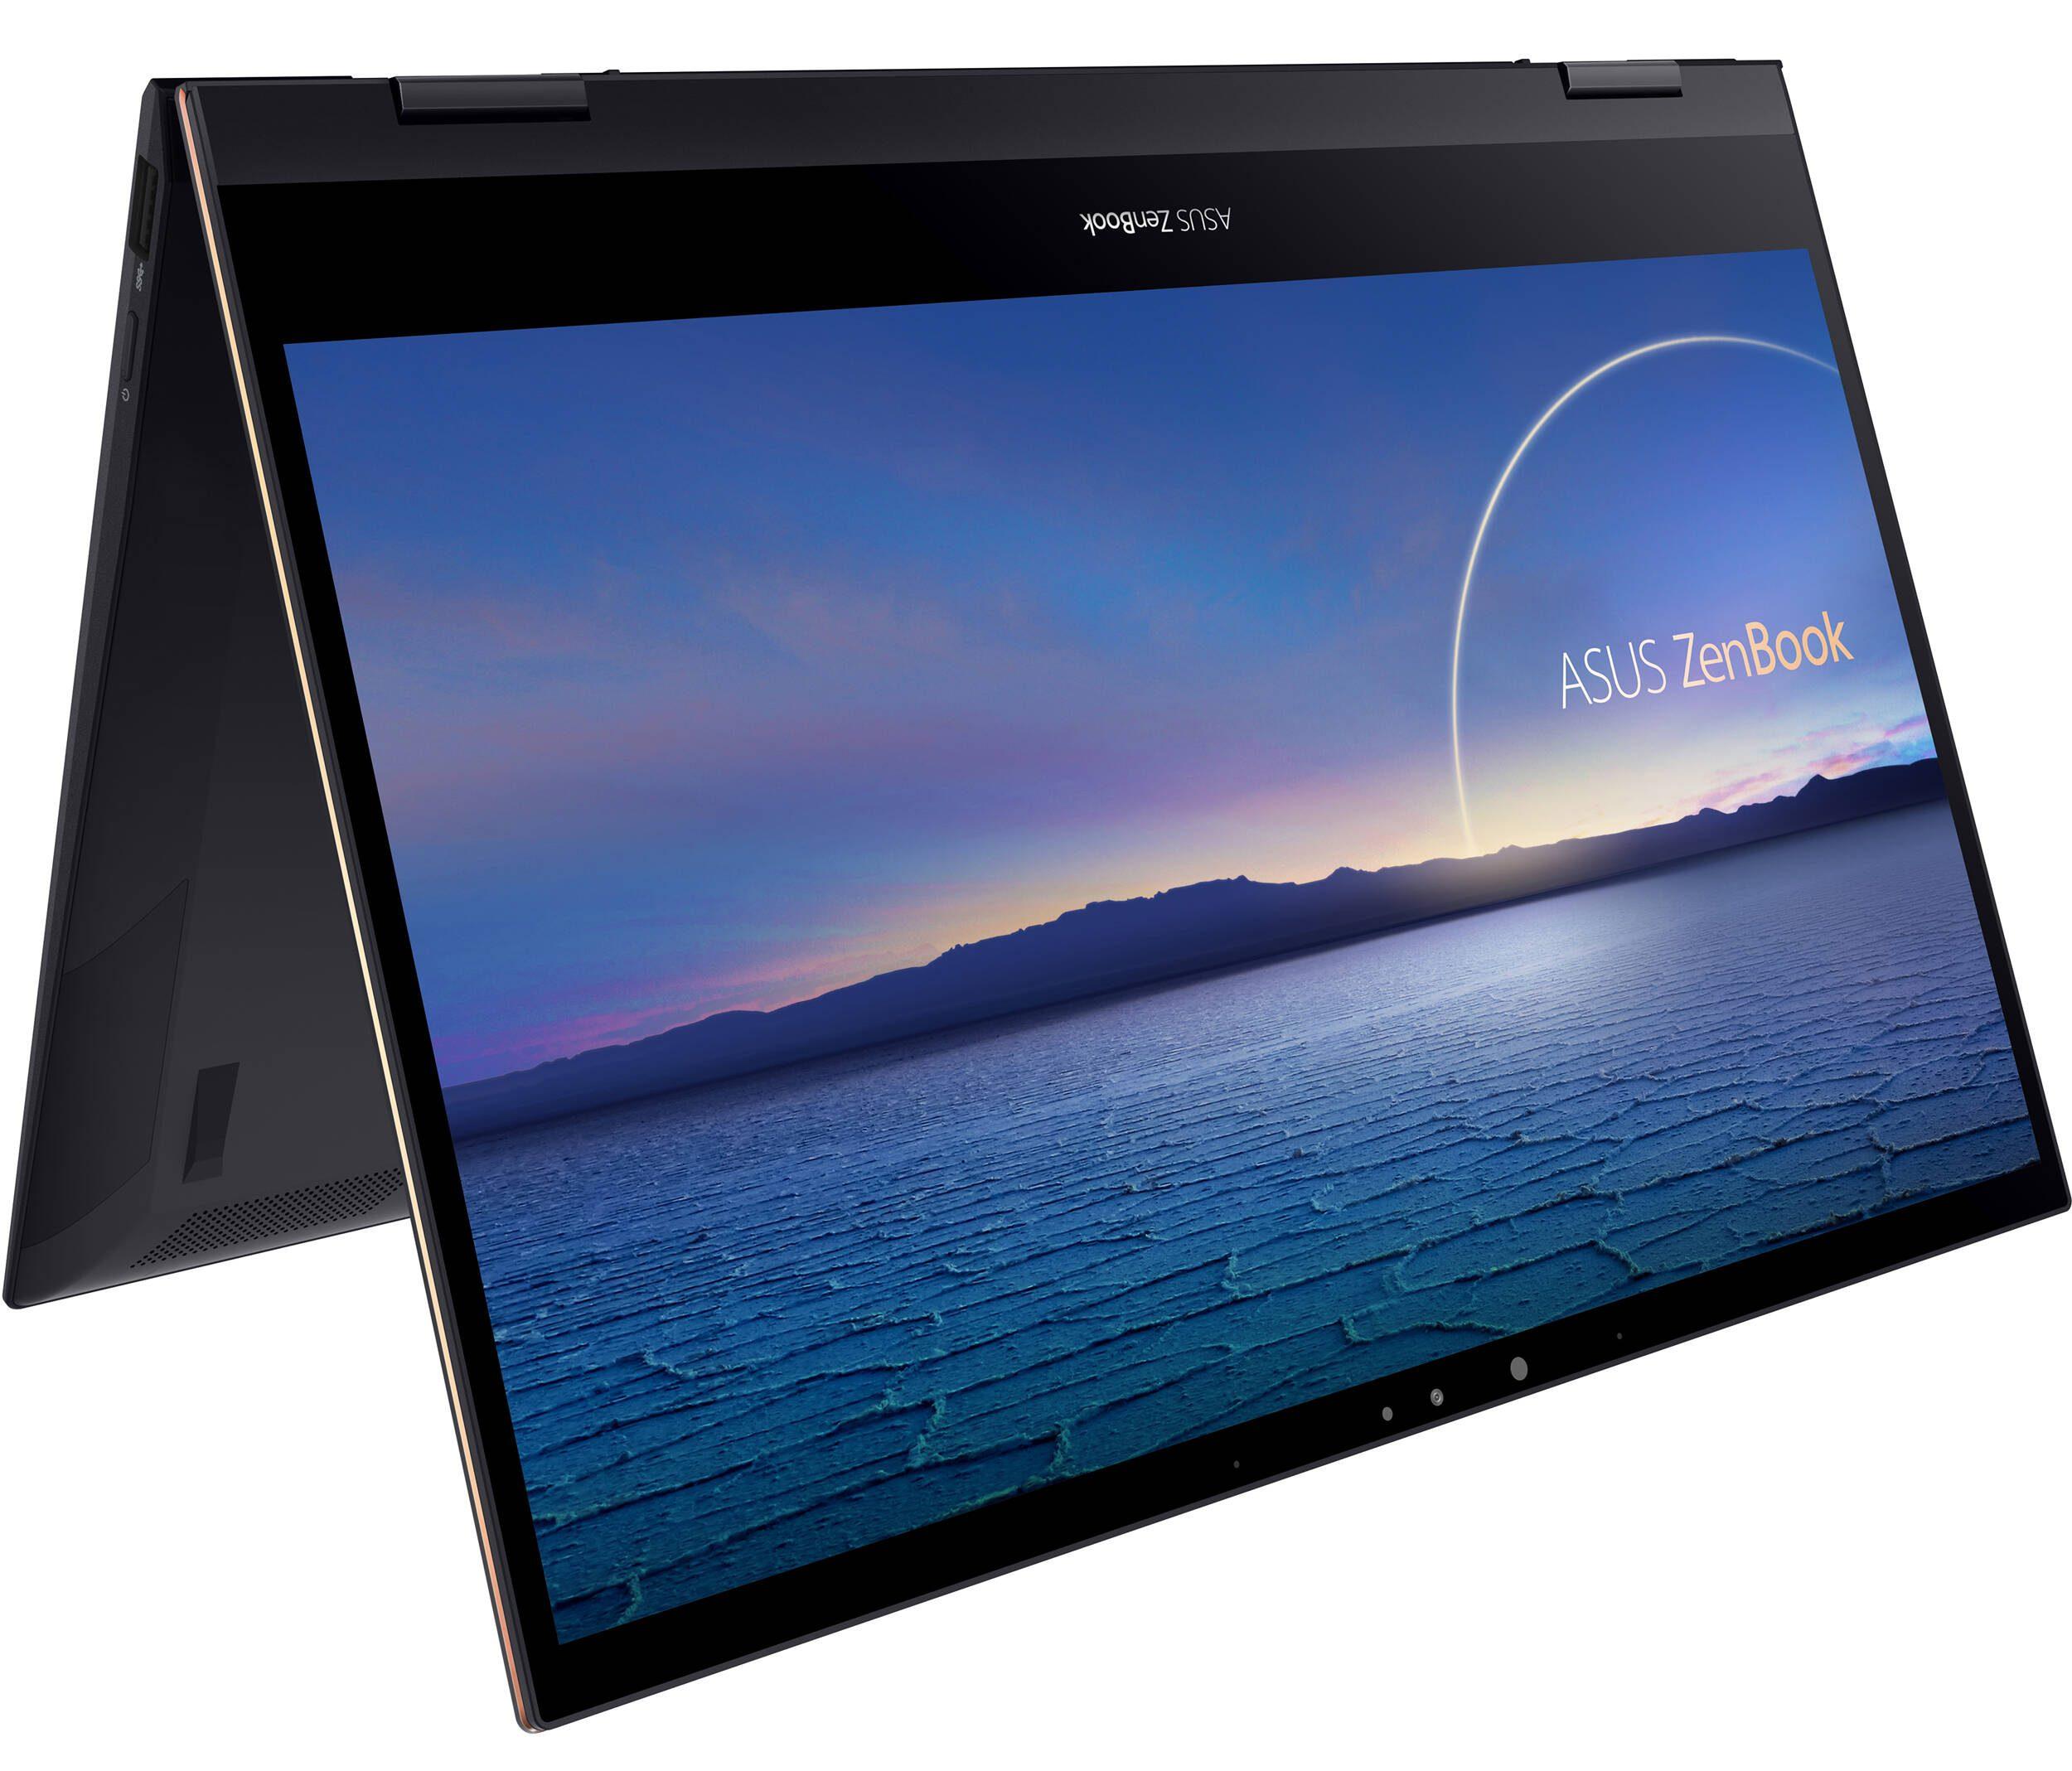 ZenBook met 11e generatie Intel Core i